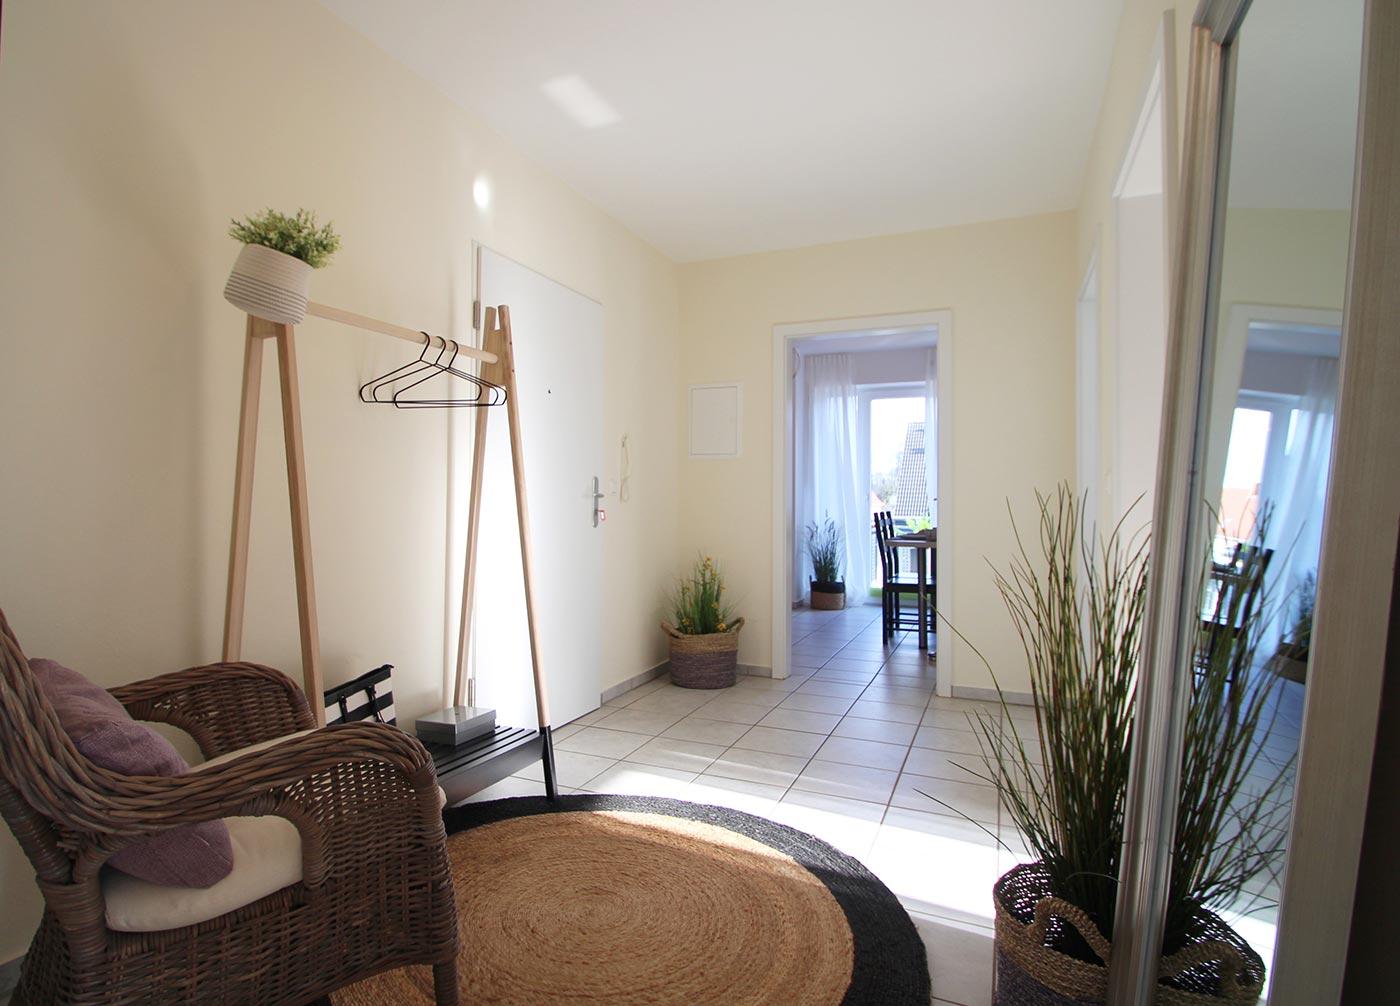 Flur und Eingangsbereich nach dem Homestaging durch Nicole Biernath von Blickfang Homestaging in Soest